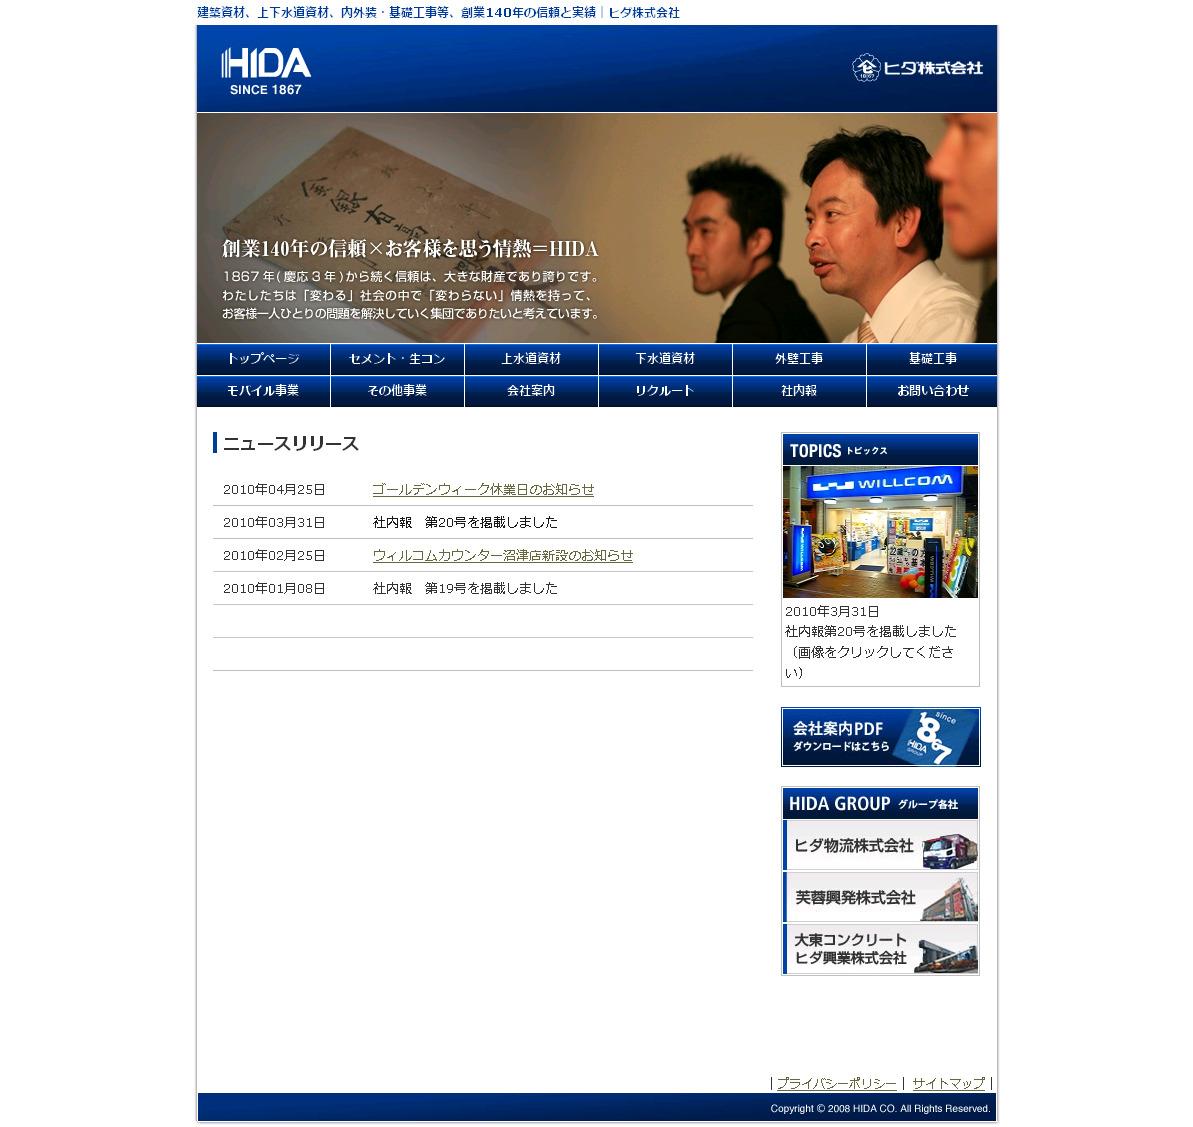 ヒダ株式会社